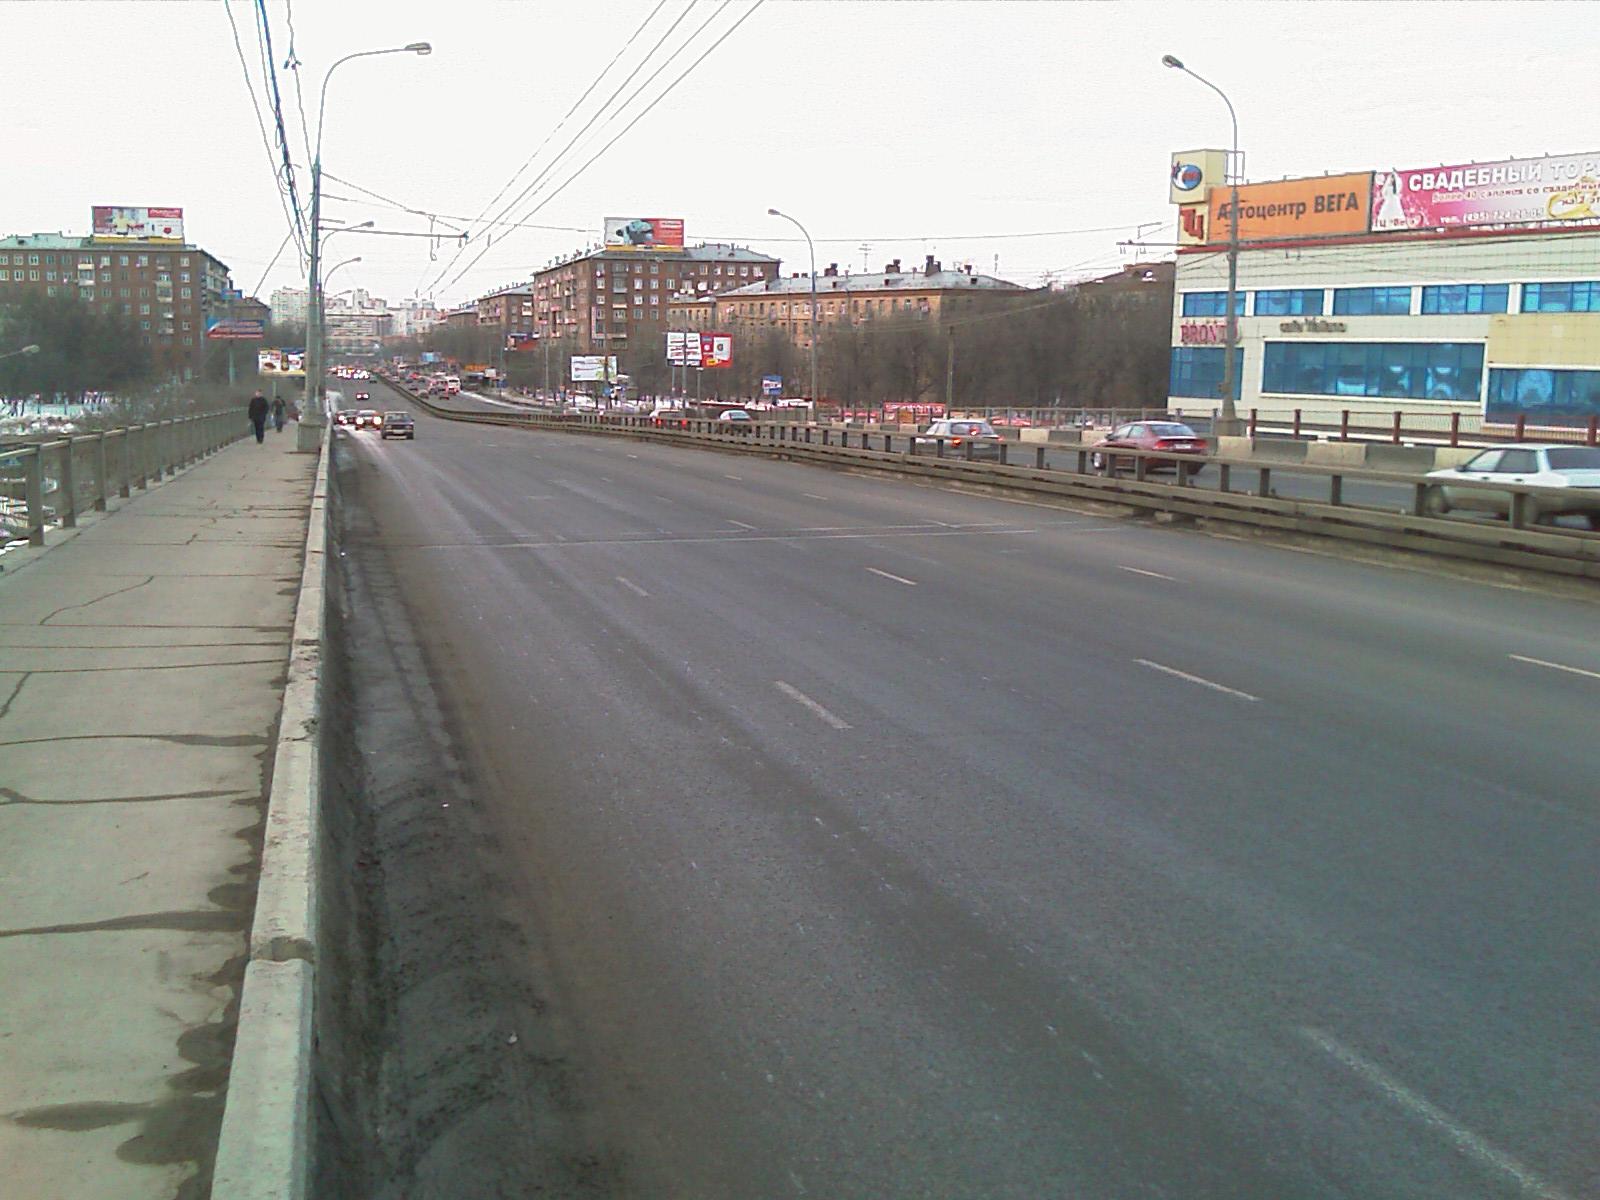 дешевые проститутки на дмитровском шоссе